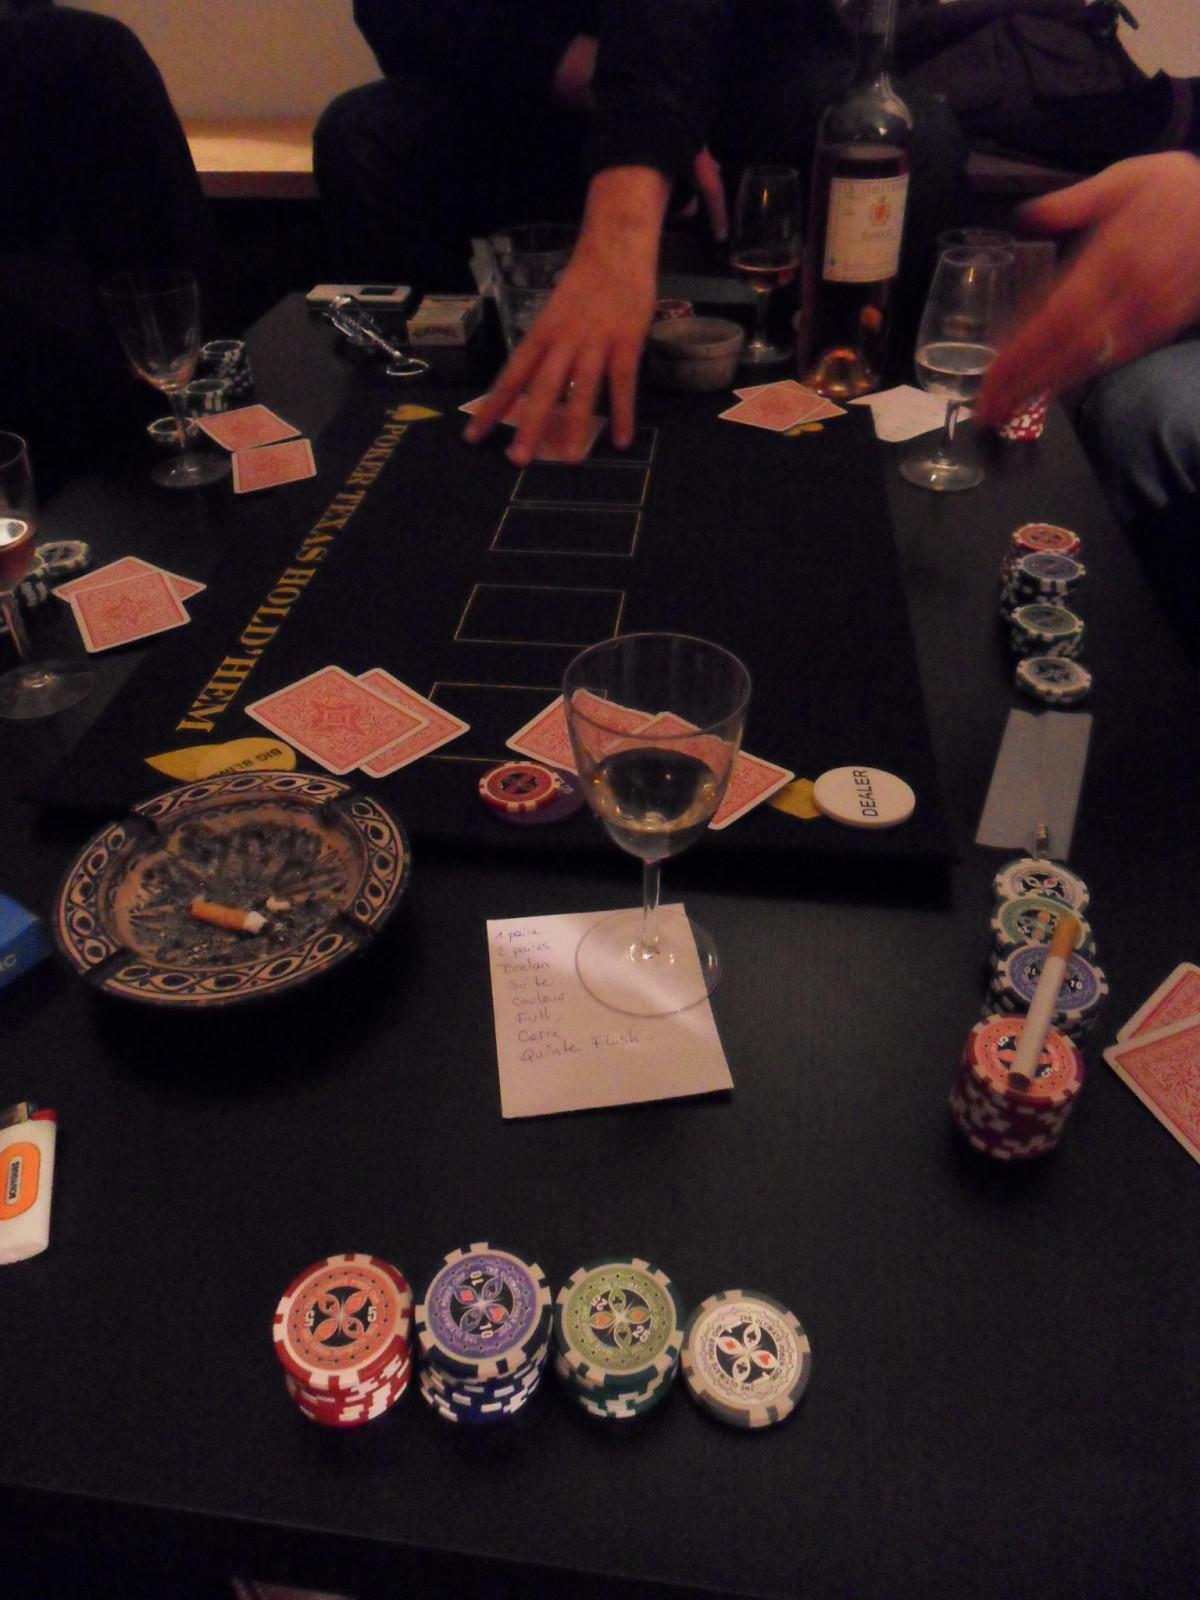 http://www.pokerburner.fr/